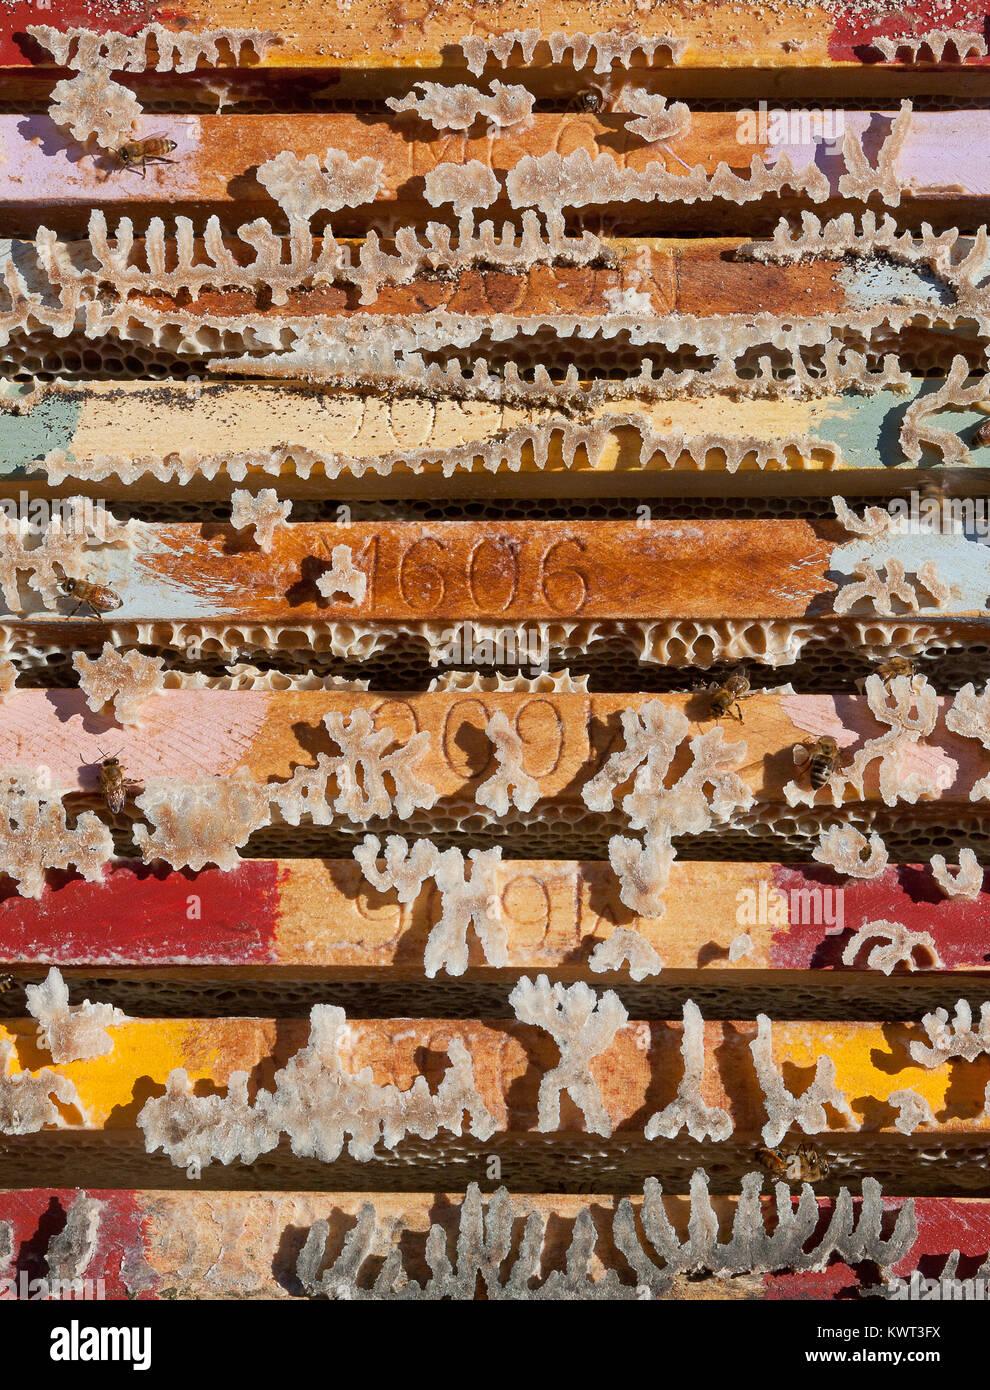 Colmena coloridos fotogramas cargados con Active Jellybush (miel Manuka), Evans Head, NSW, Australia Imagen De Stock